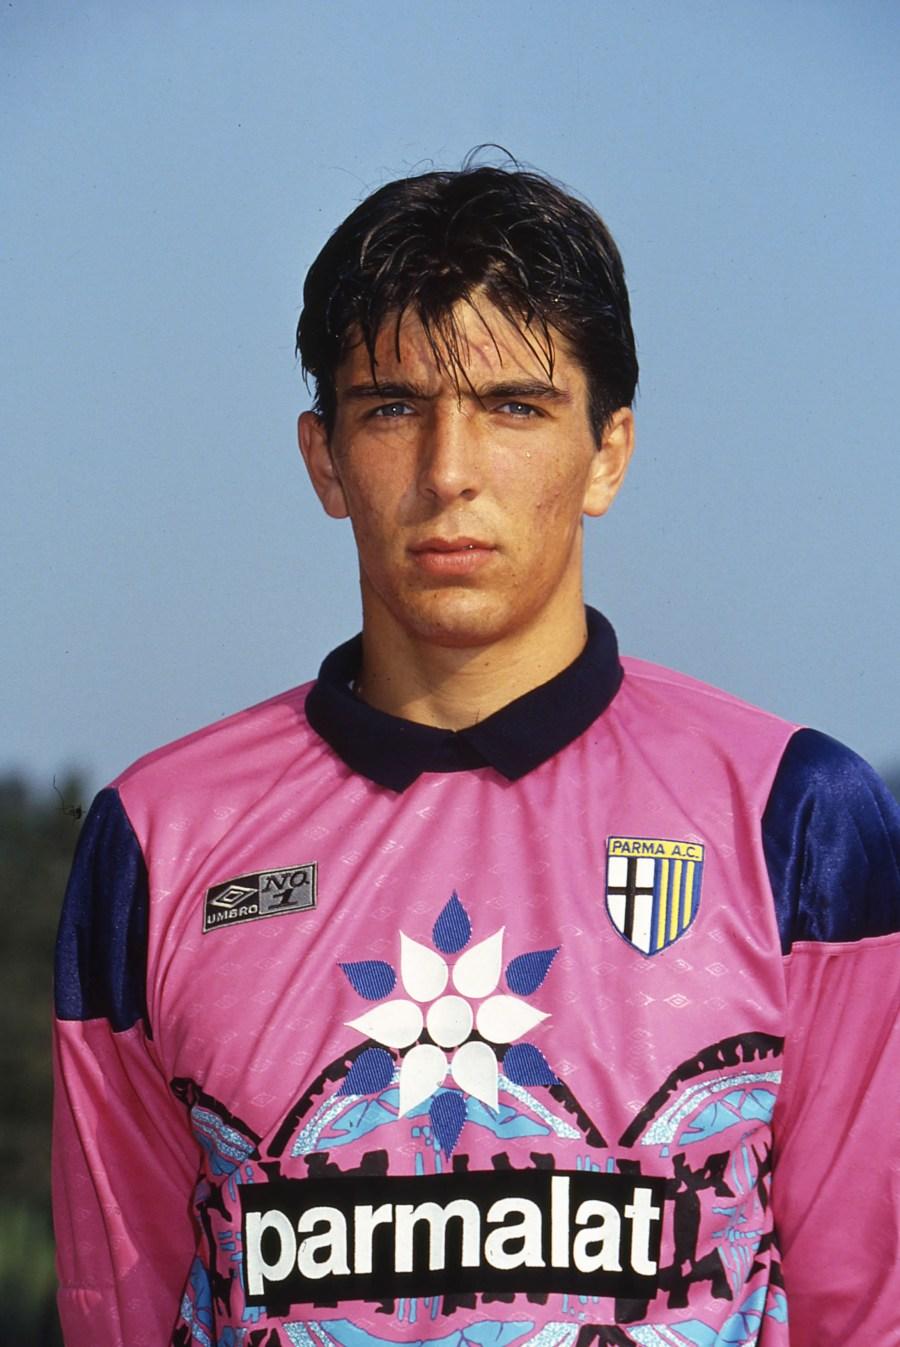 foto IPP/alberto sabattini parma calcio campionato serie a 1994-1995 nella foto gianluigi buffon portiere parma